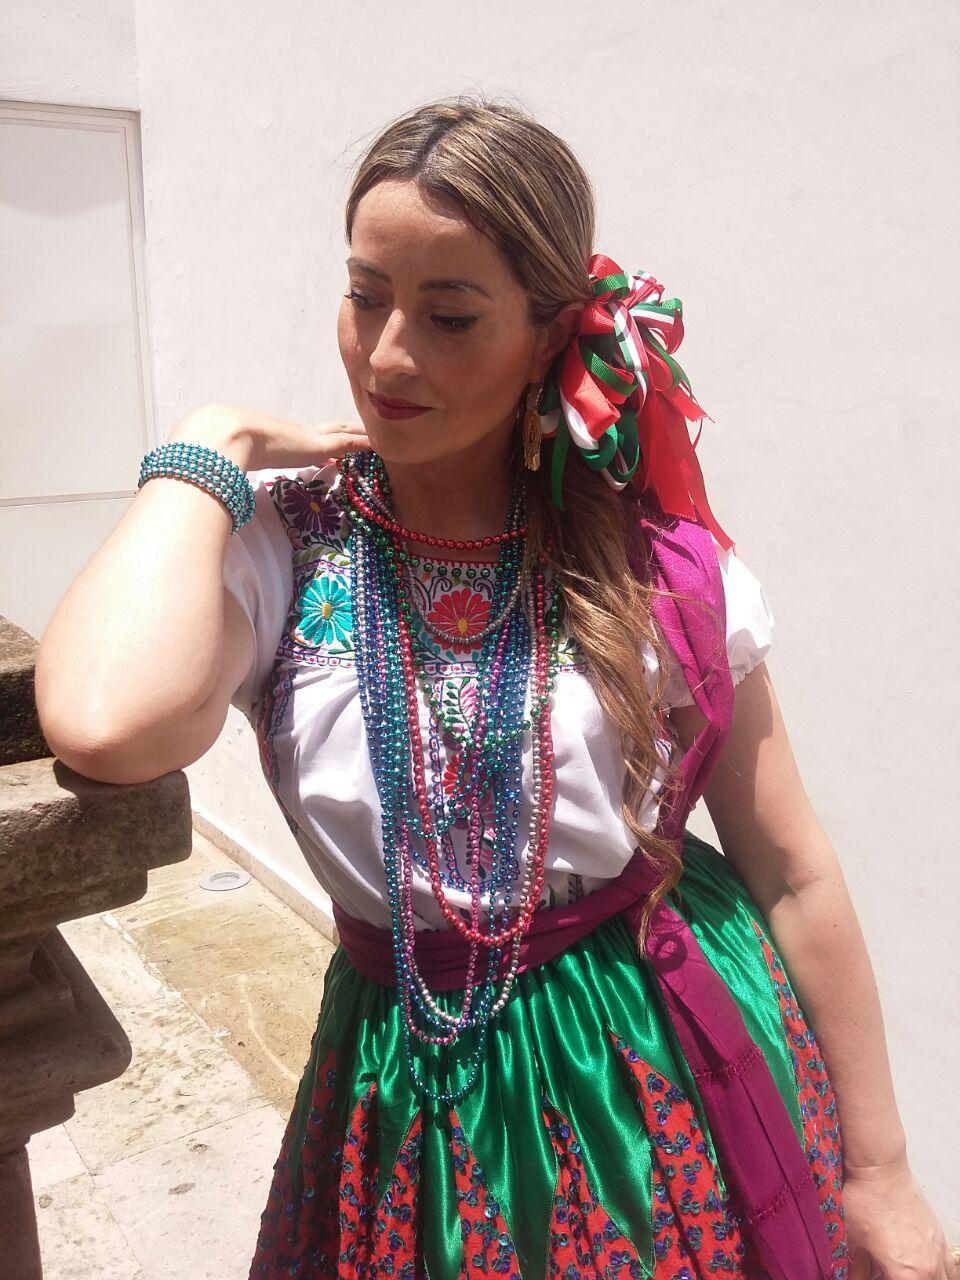 Millyta investe em capacitação. Foi ao México para buscar inspiração para criar. Na foto, em Guadalajara, onde participou de uma feira de artesanato